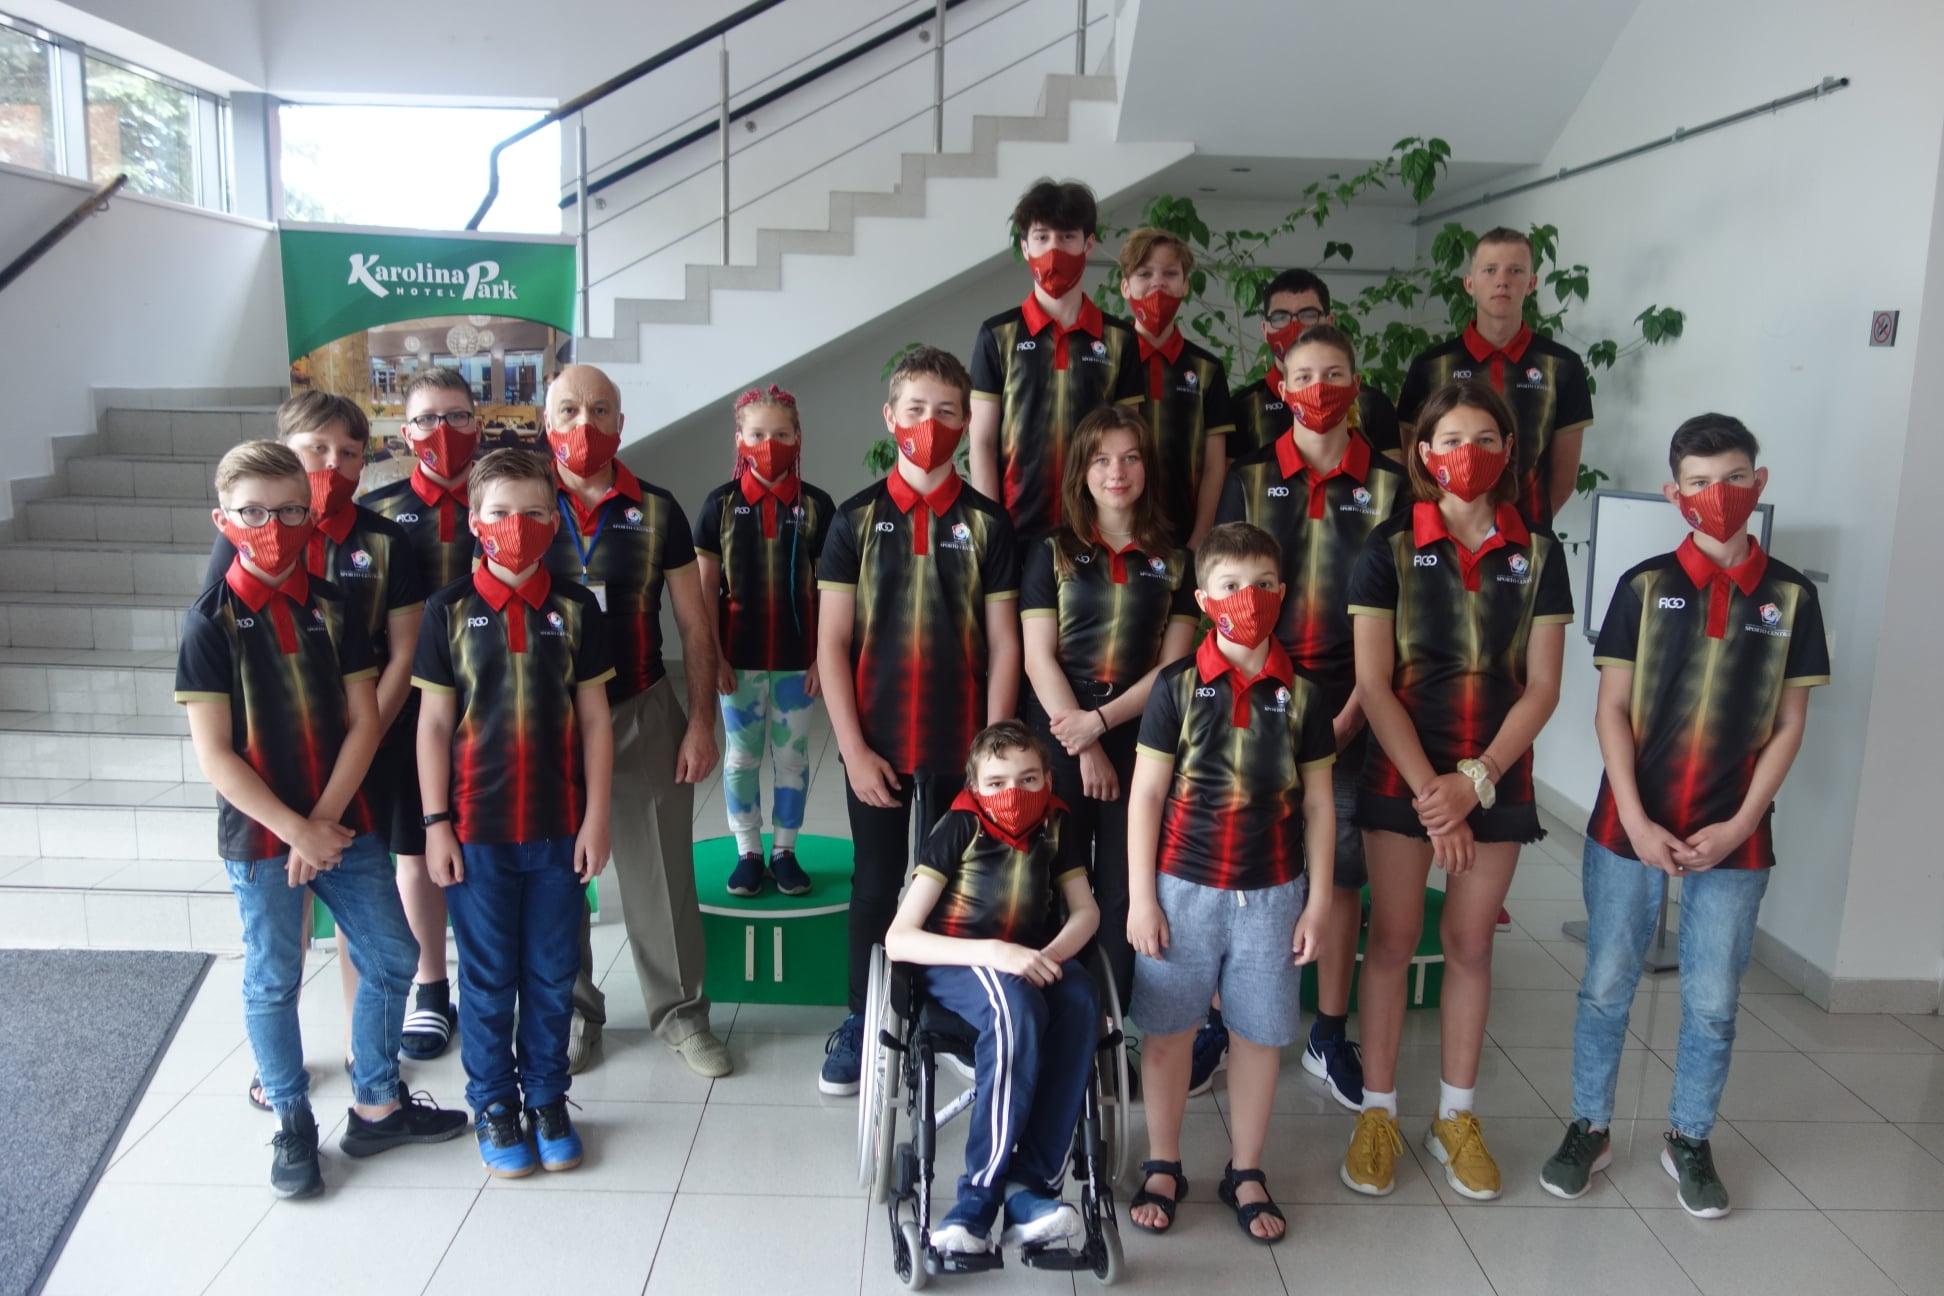 Jaunieji šachmatininkai Lietuvos klasikinių šachmatų pirmenybėse